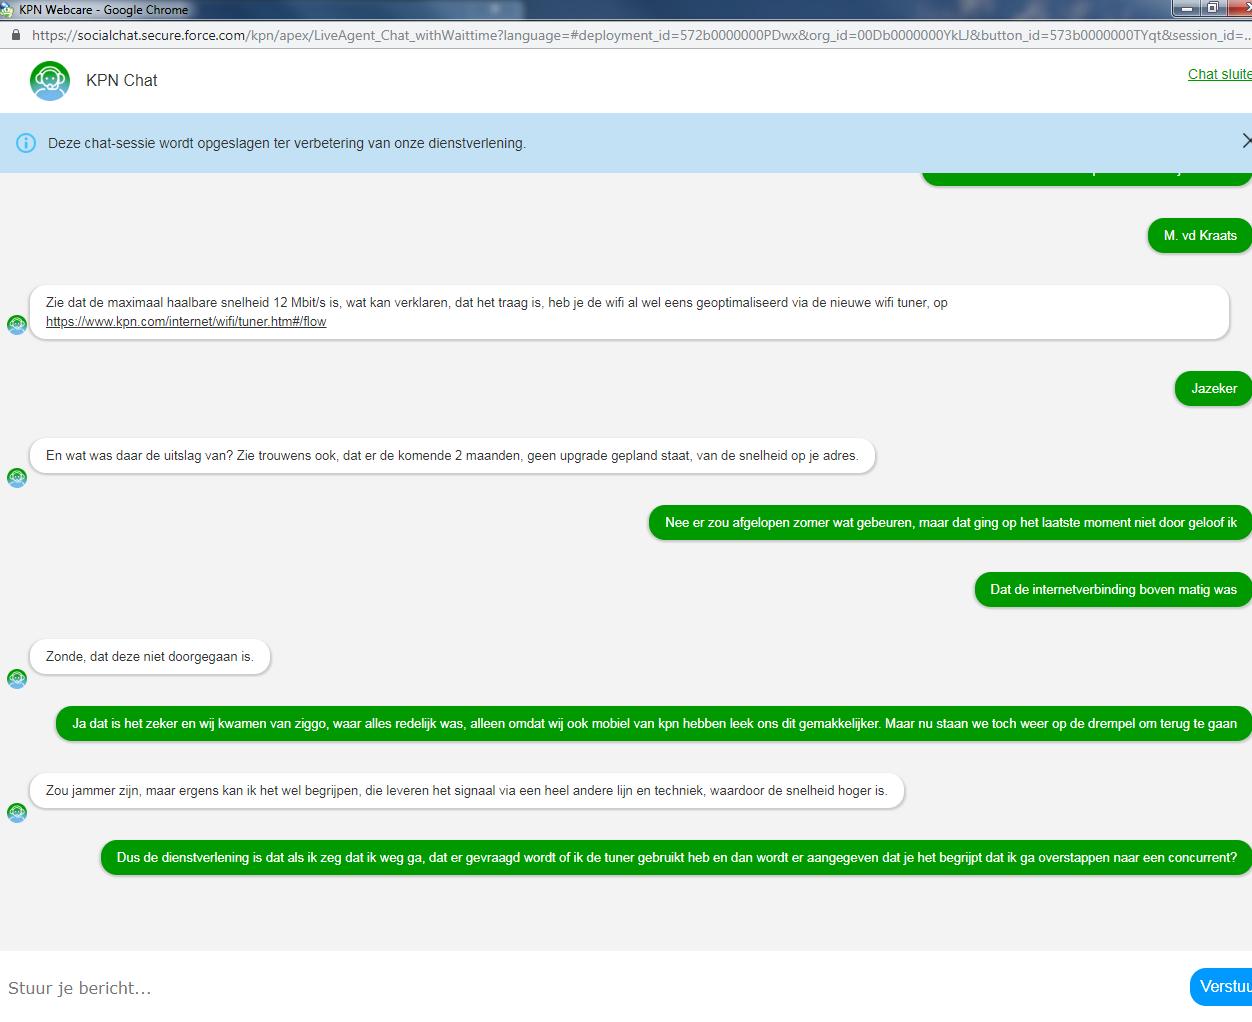 05d0bbe4a6c4fa Typische kpn dienstverlening | KPN Community